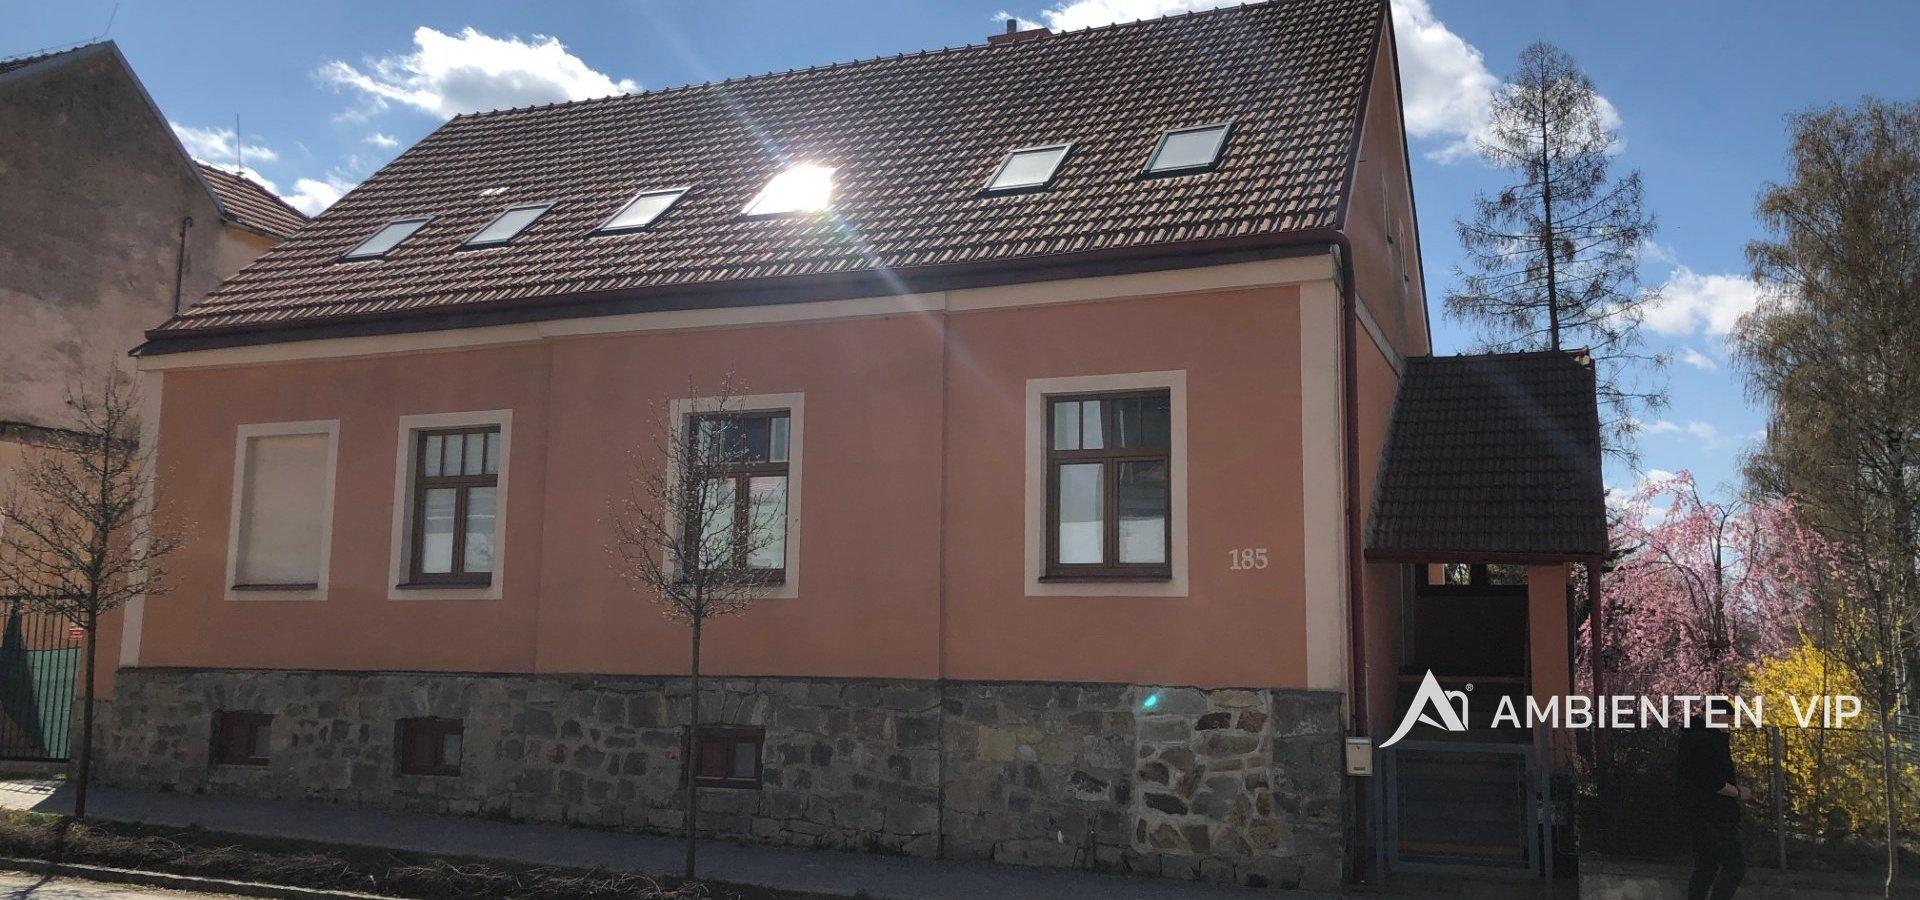 prodej-rodinneho-domu-na-bydleni-i-investici-477m2-telc-img-6189-0031f1